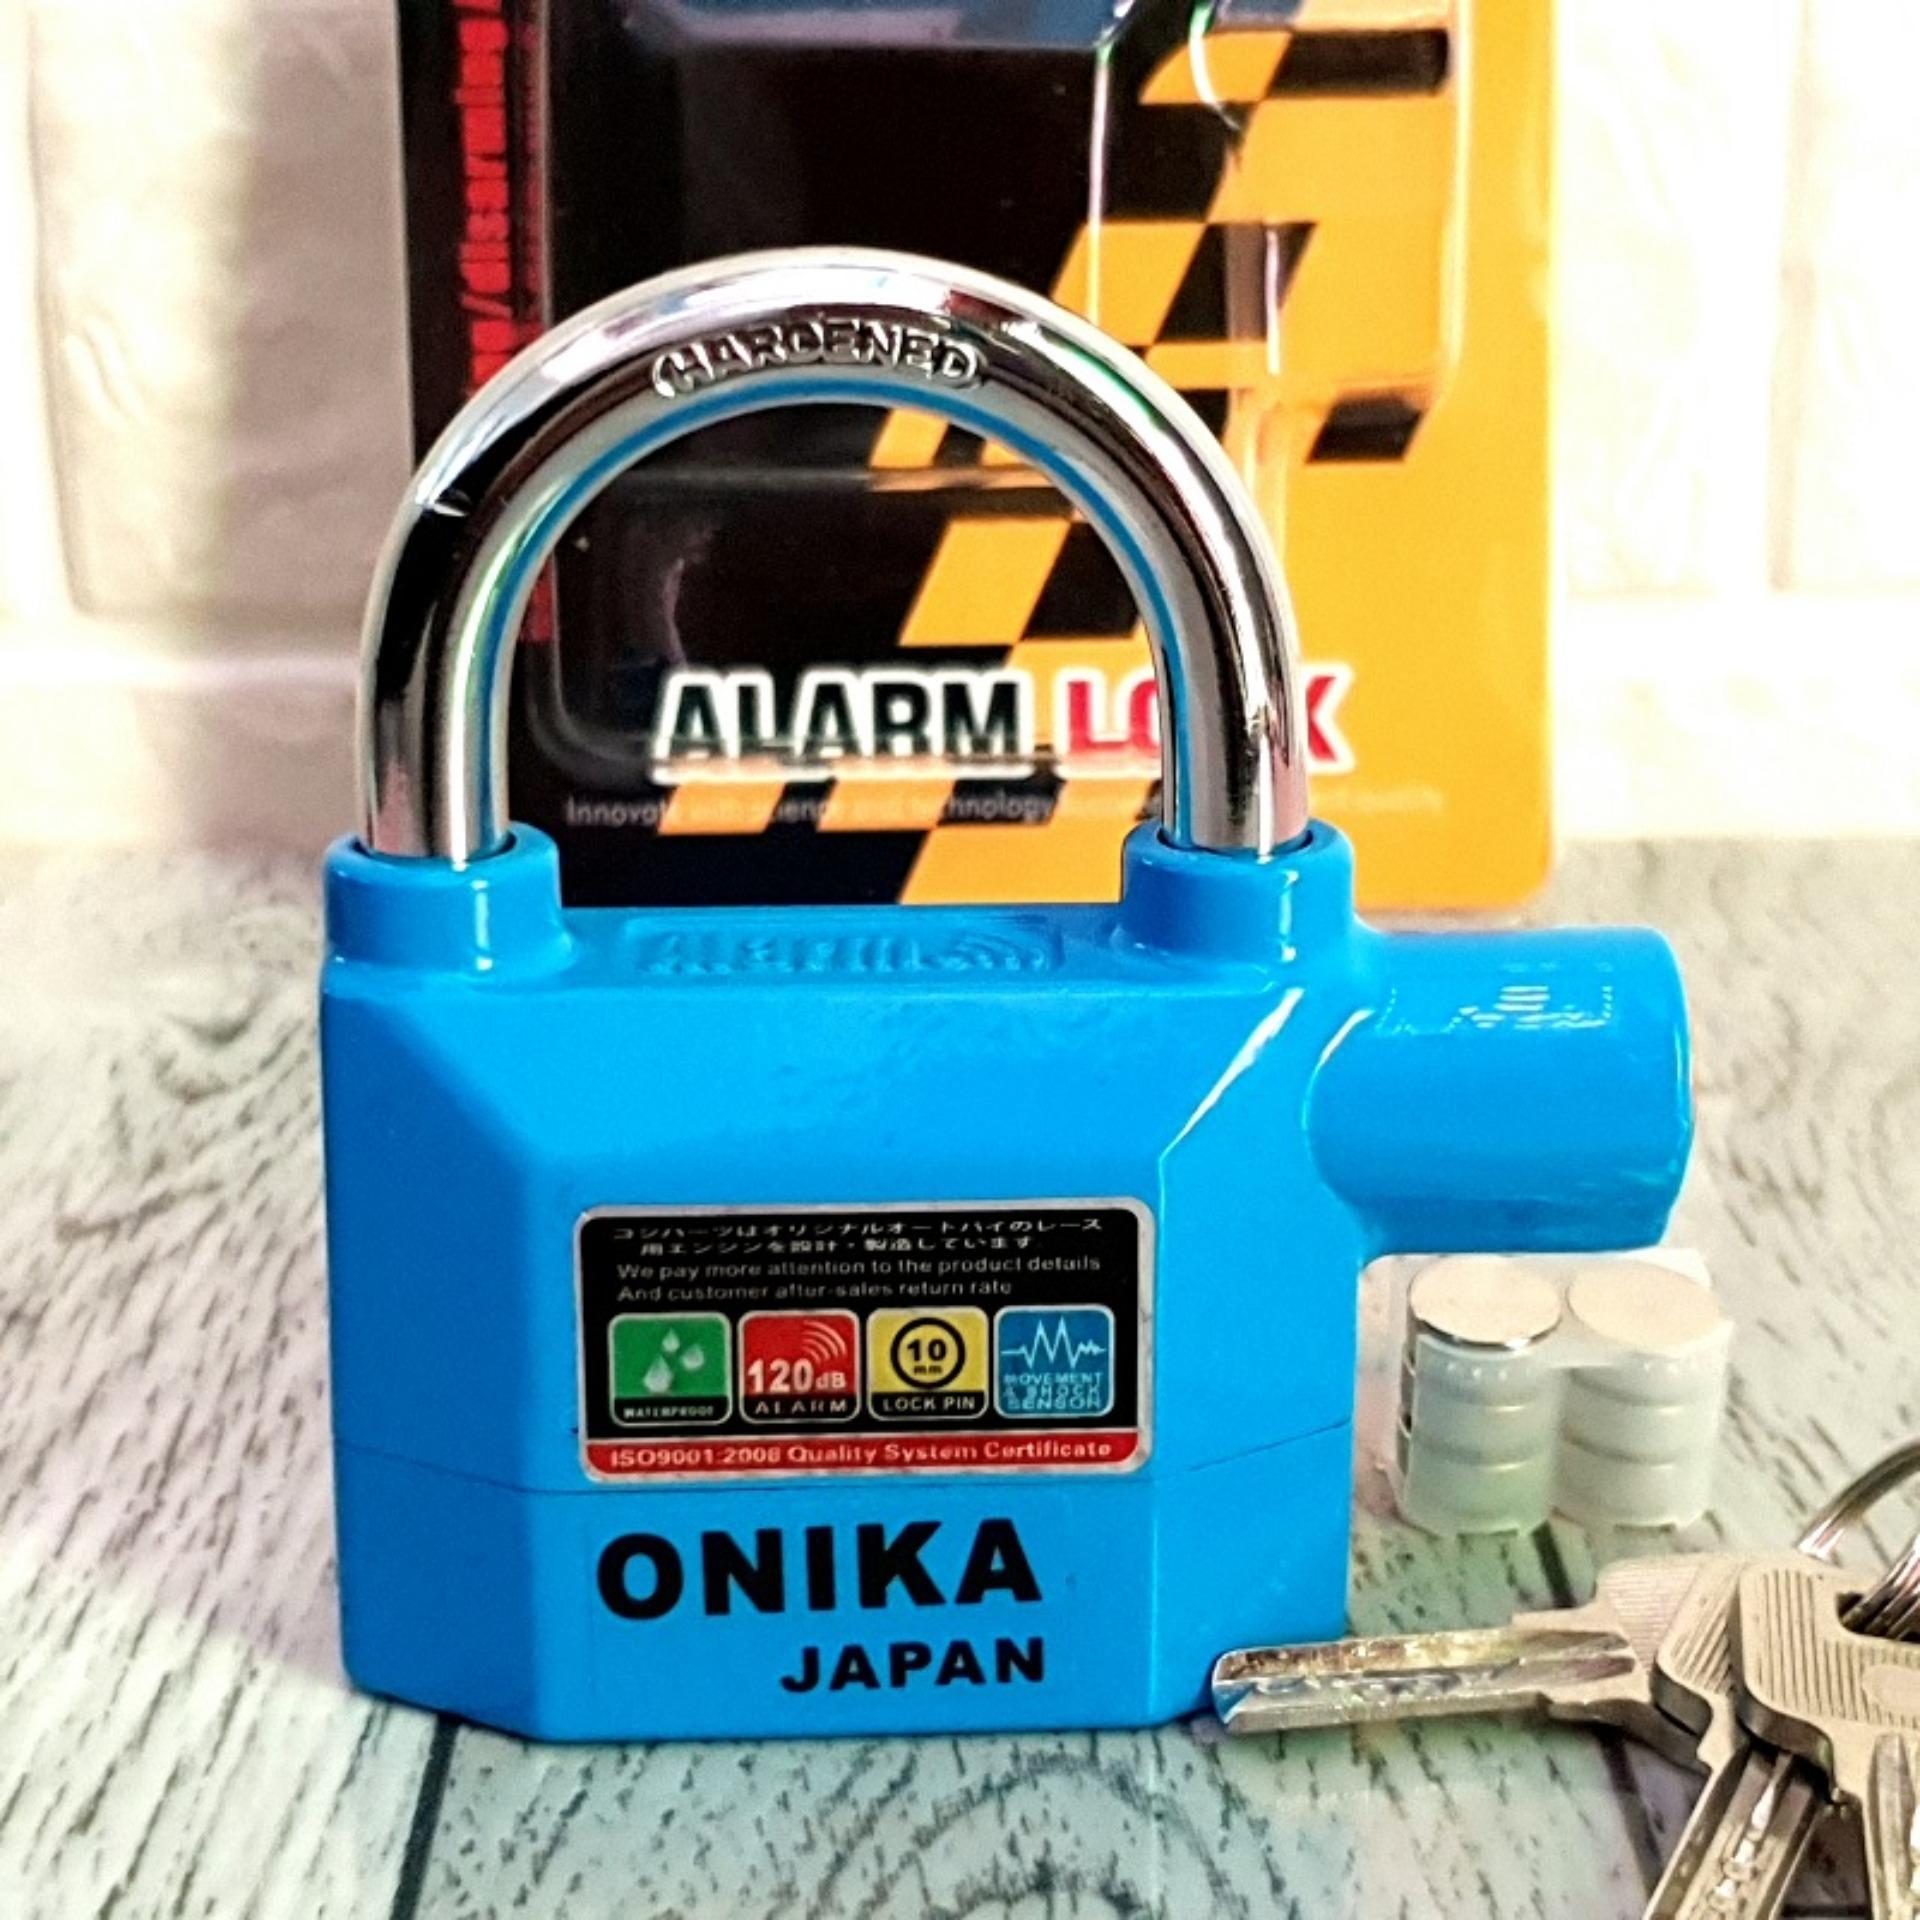 Ổ khóa báo động chống trộm ONIKA made ịn JAPAN